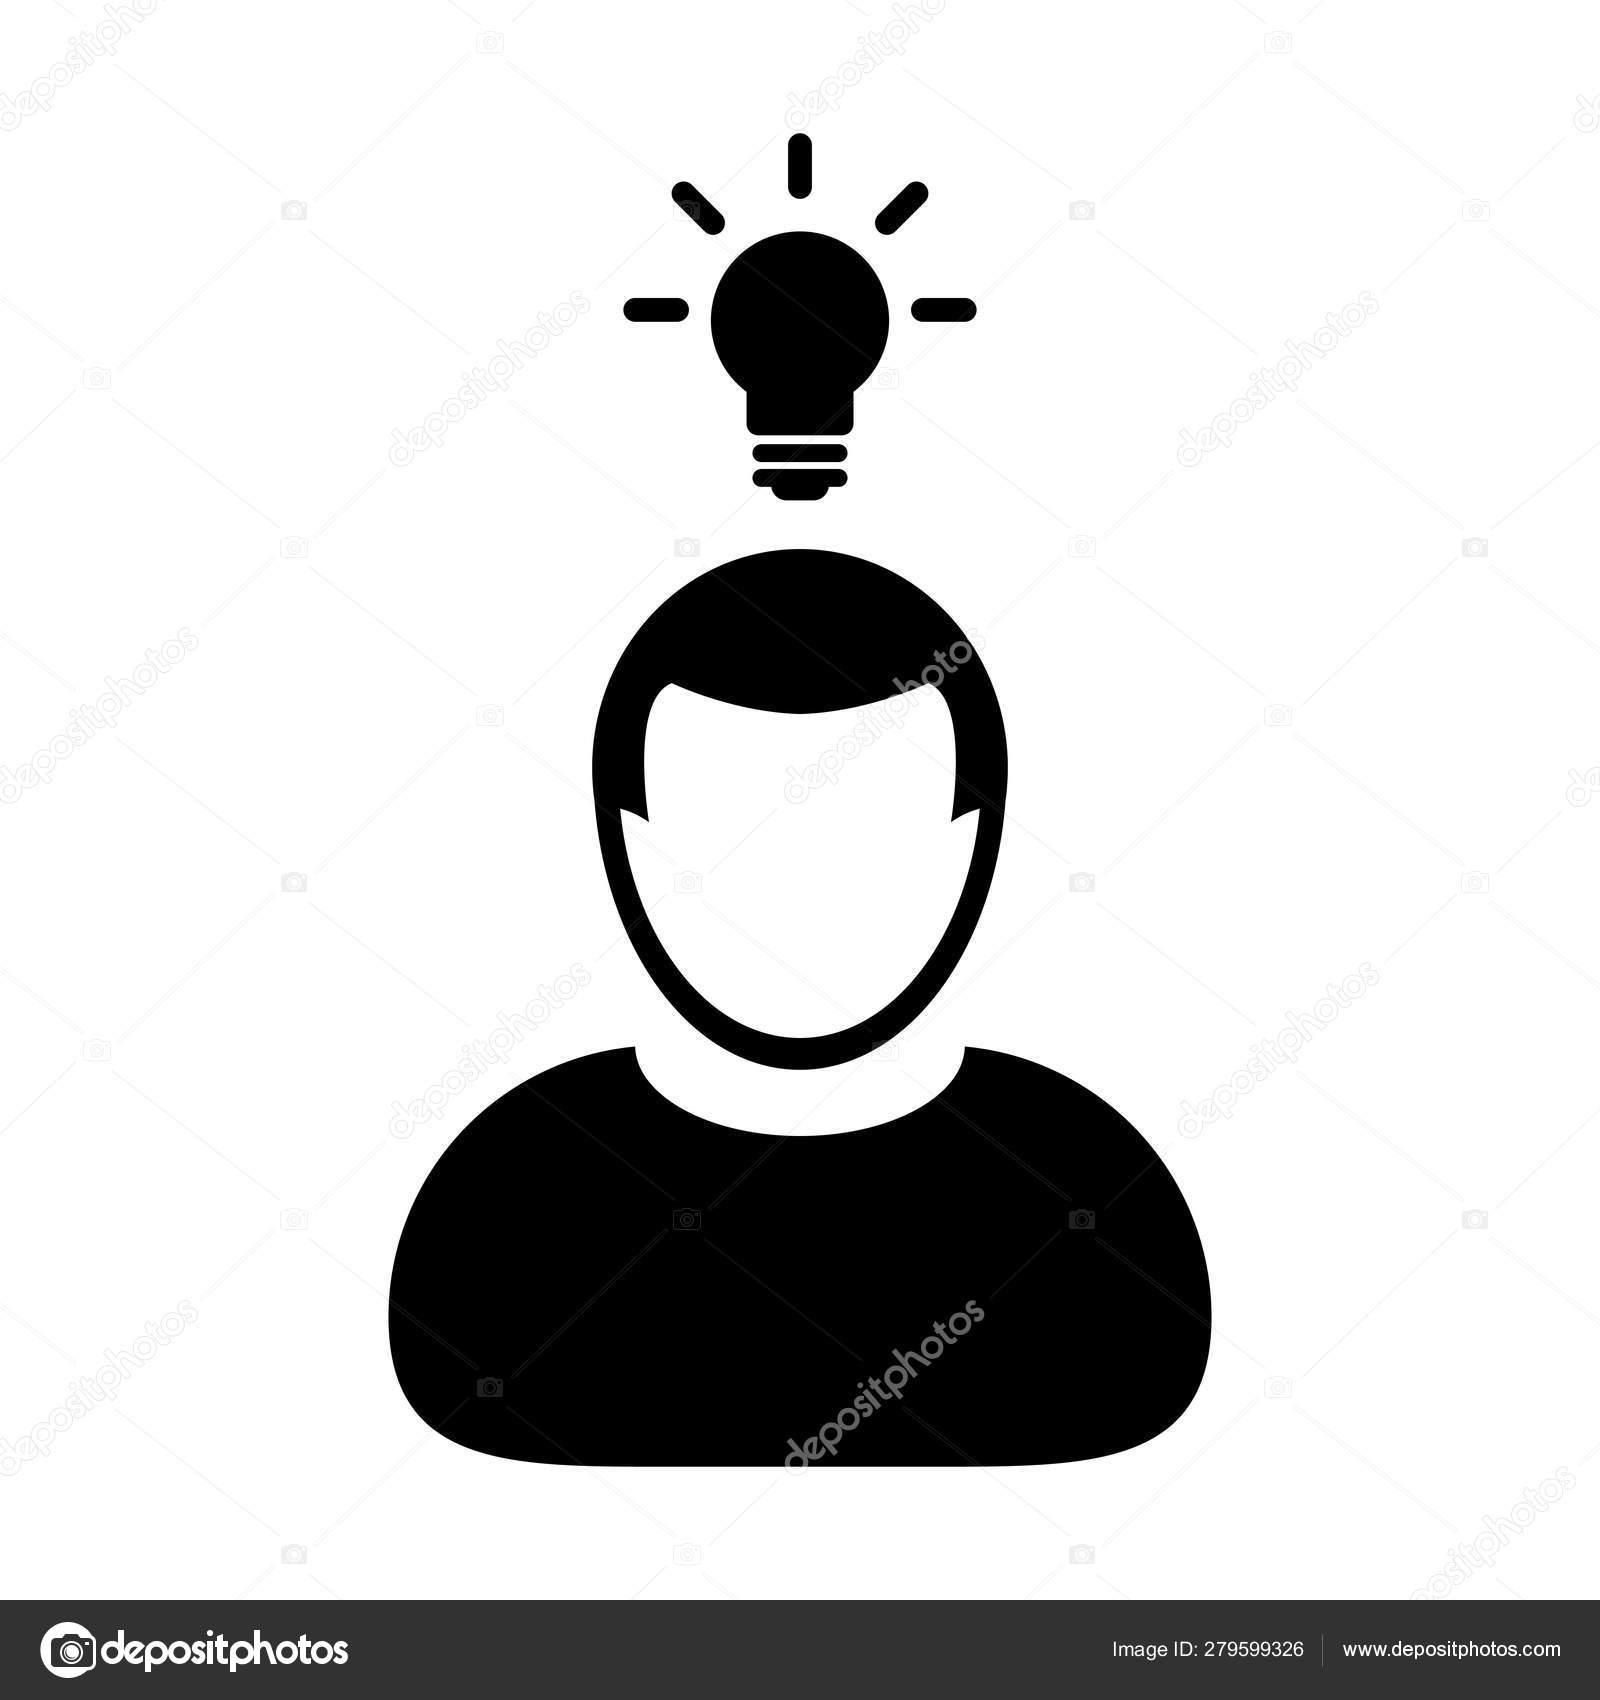 Idée De Photo De Profil symbole d'avatar de profil de personne mâle d'icône d'icône